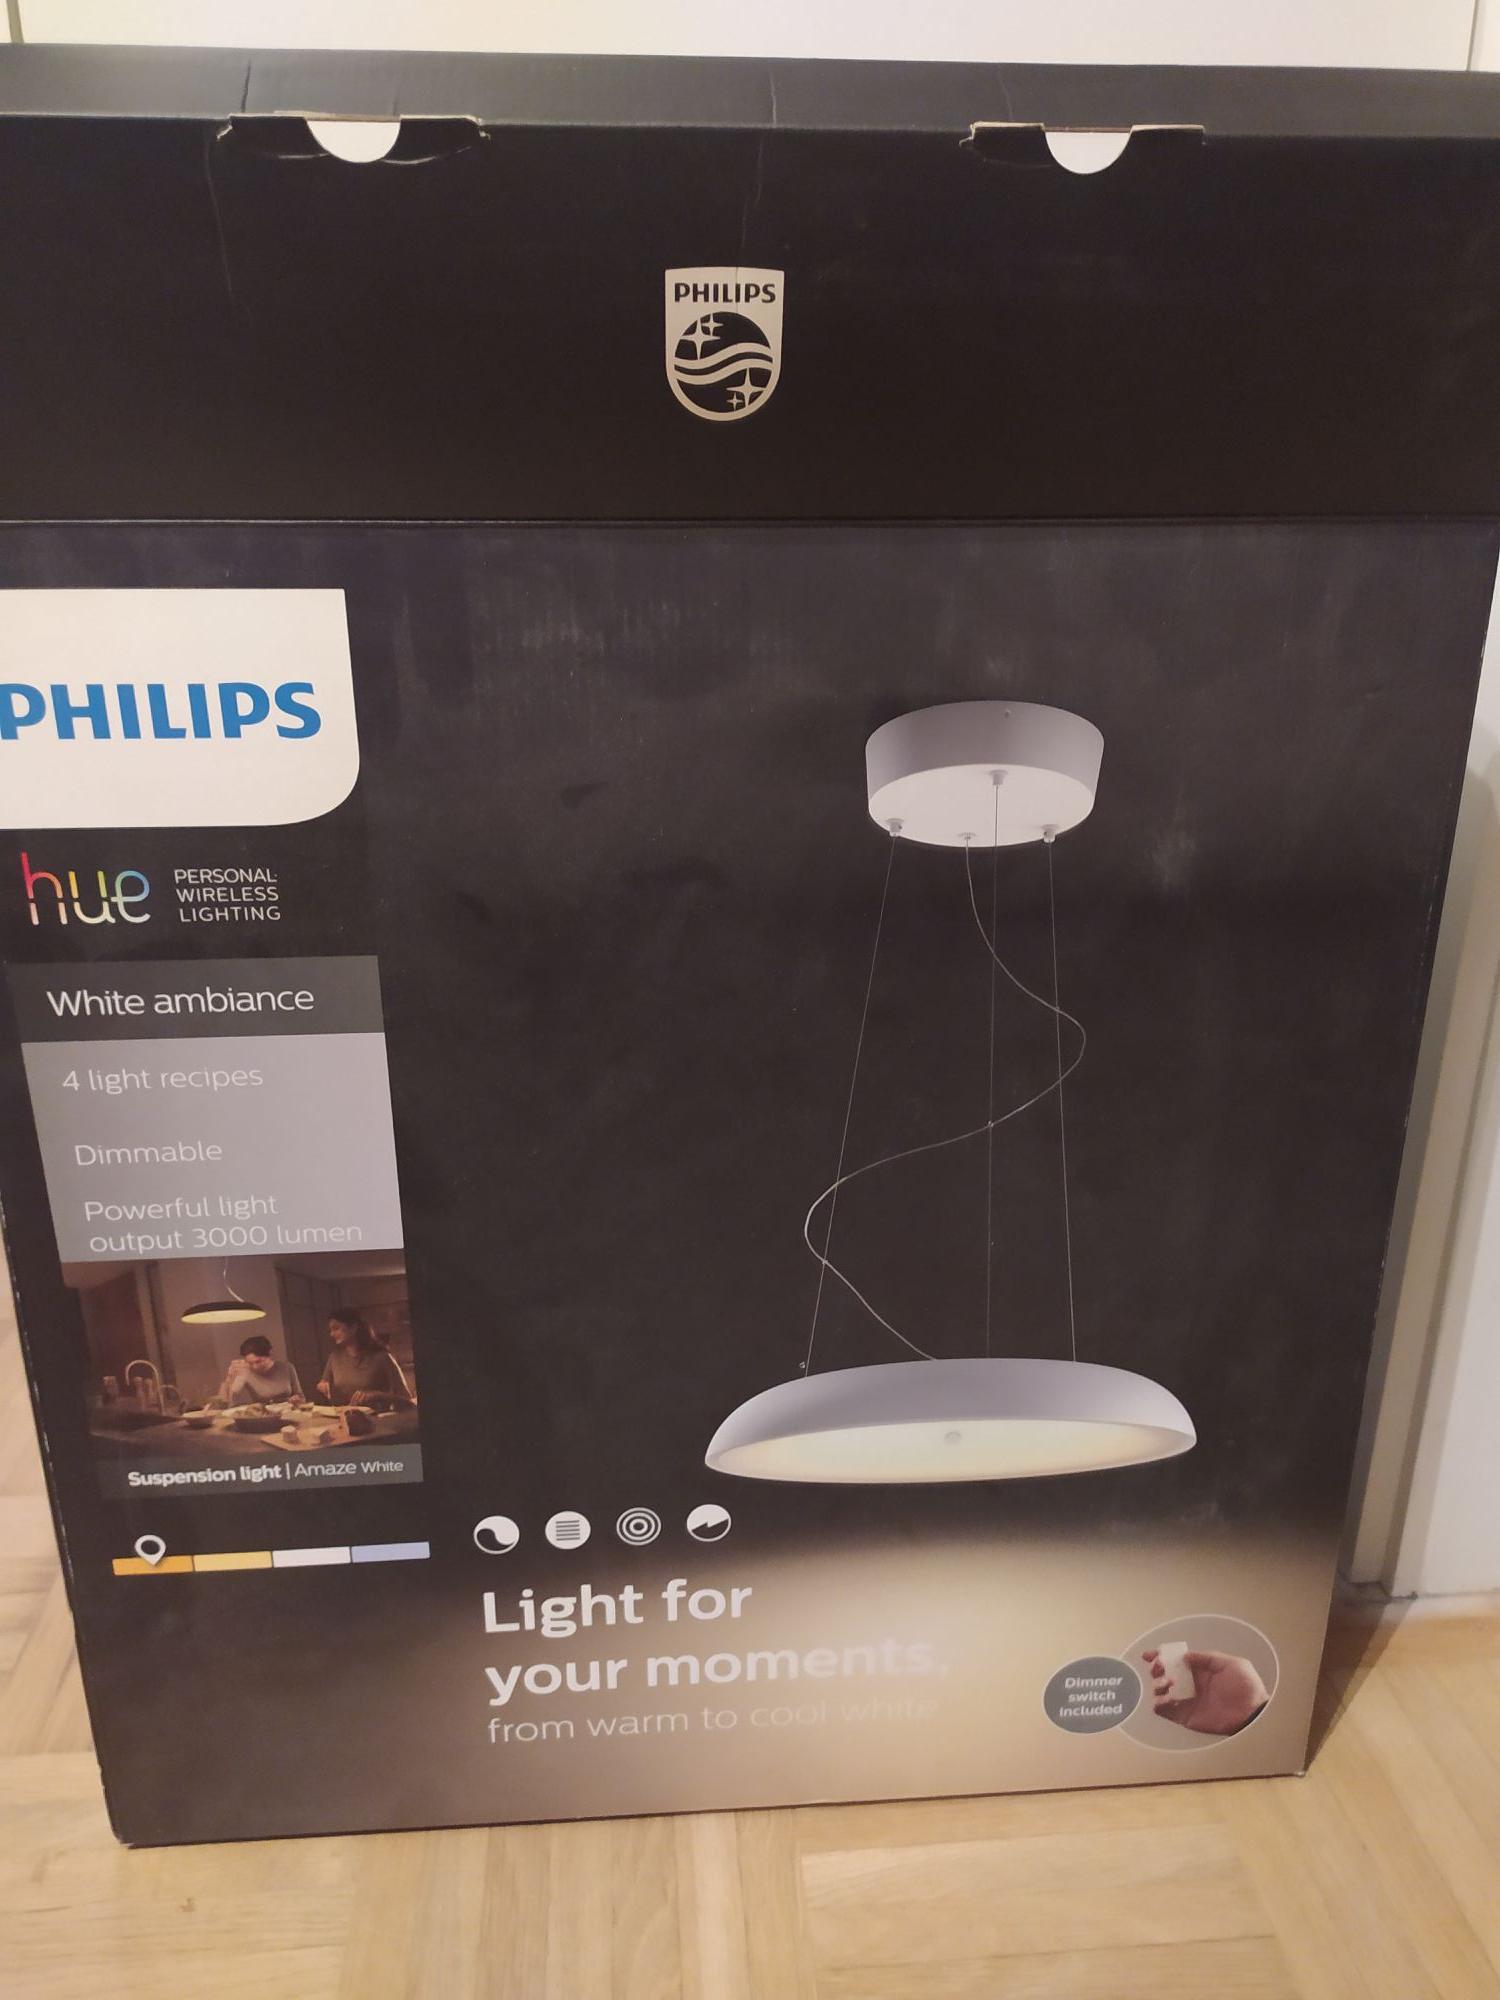 Philips Hue White Ambiance Amaze Pendelleuchte weiß - lokales Angebot: OBI Graz Nord